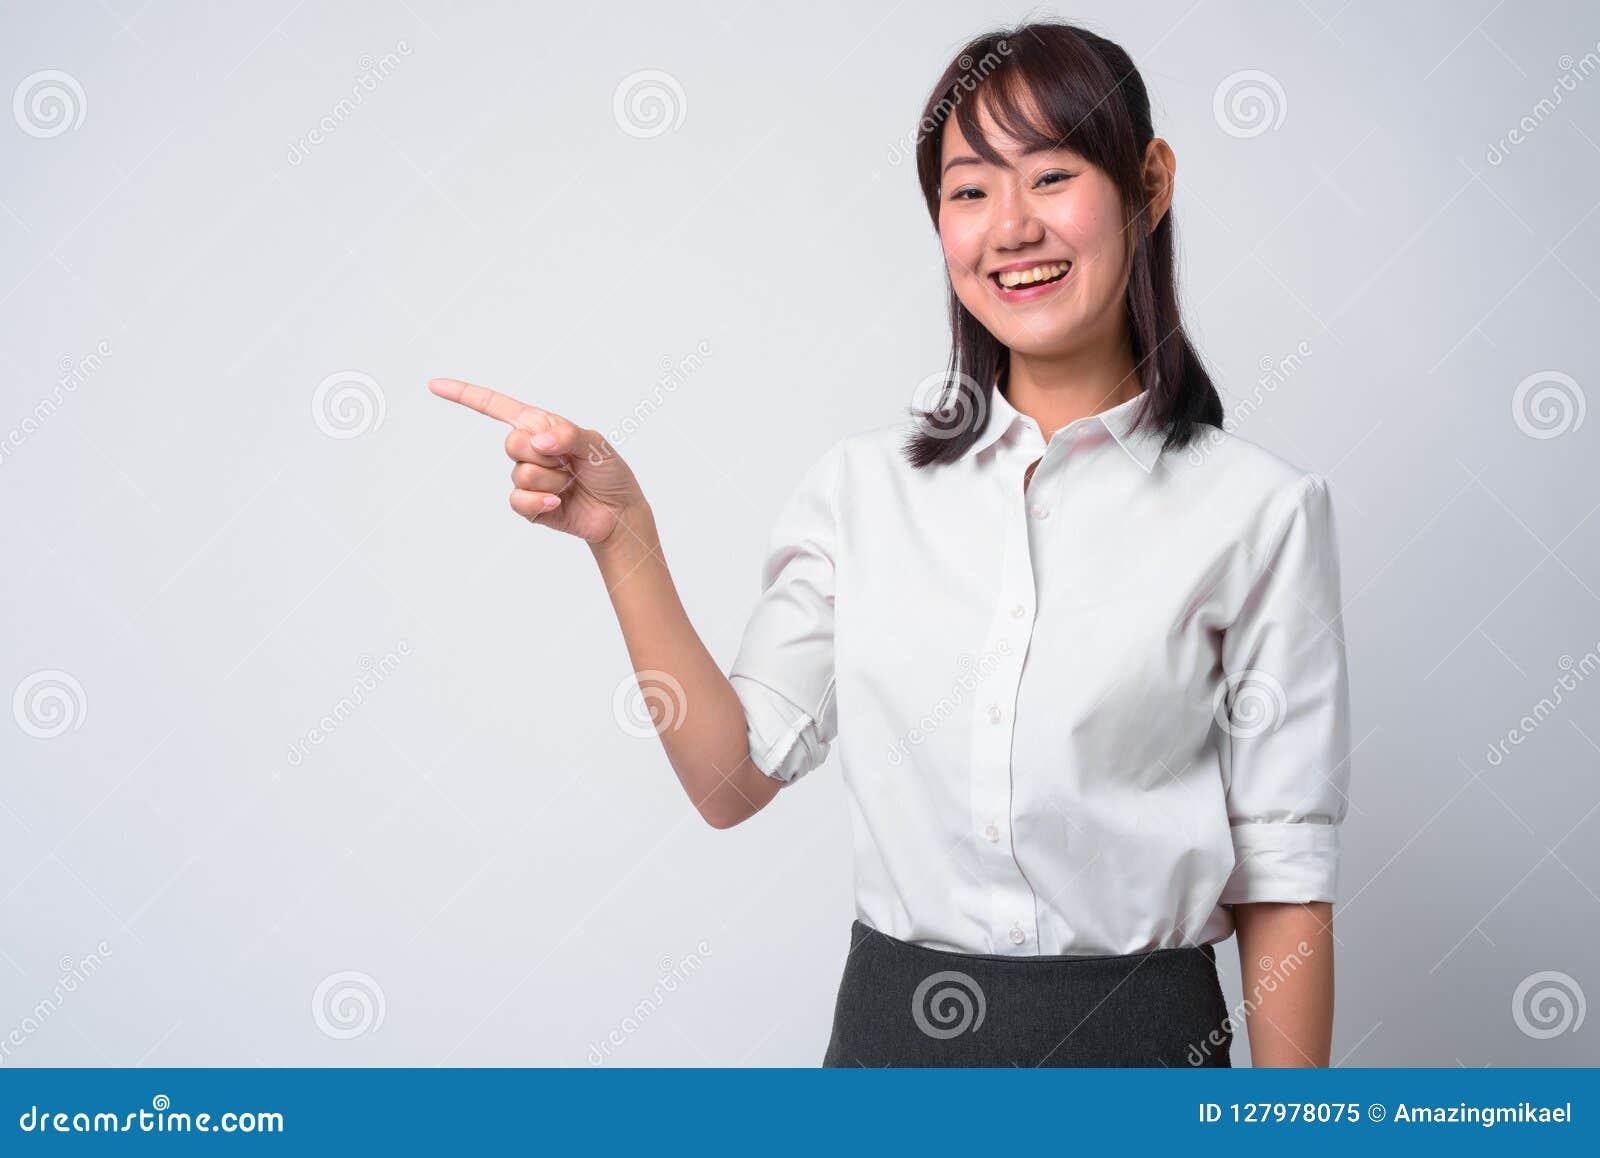 Portret van mooie Aziatische onderneemster tegen witte achtergrond